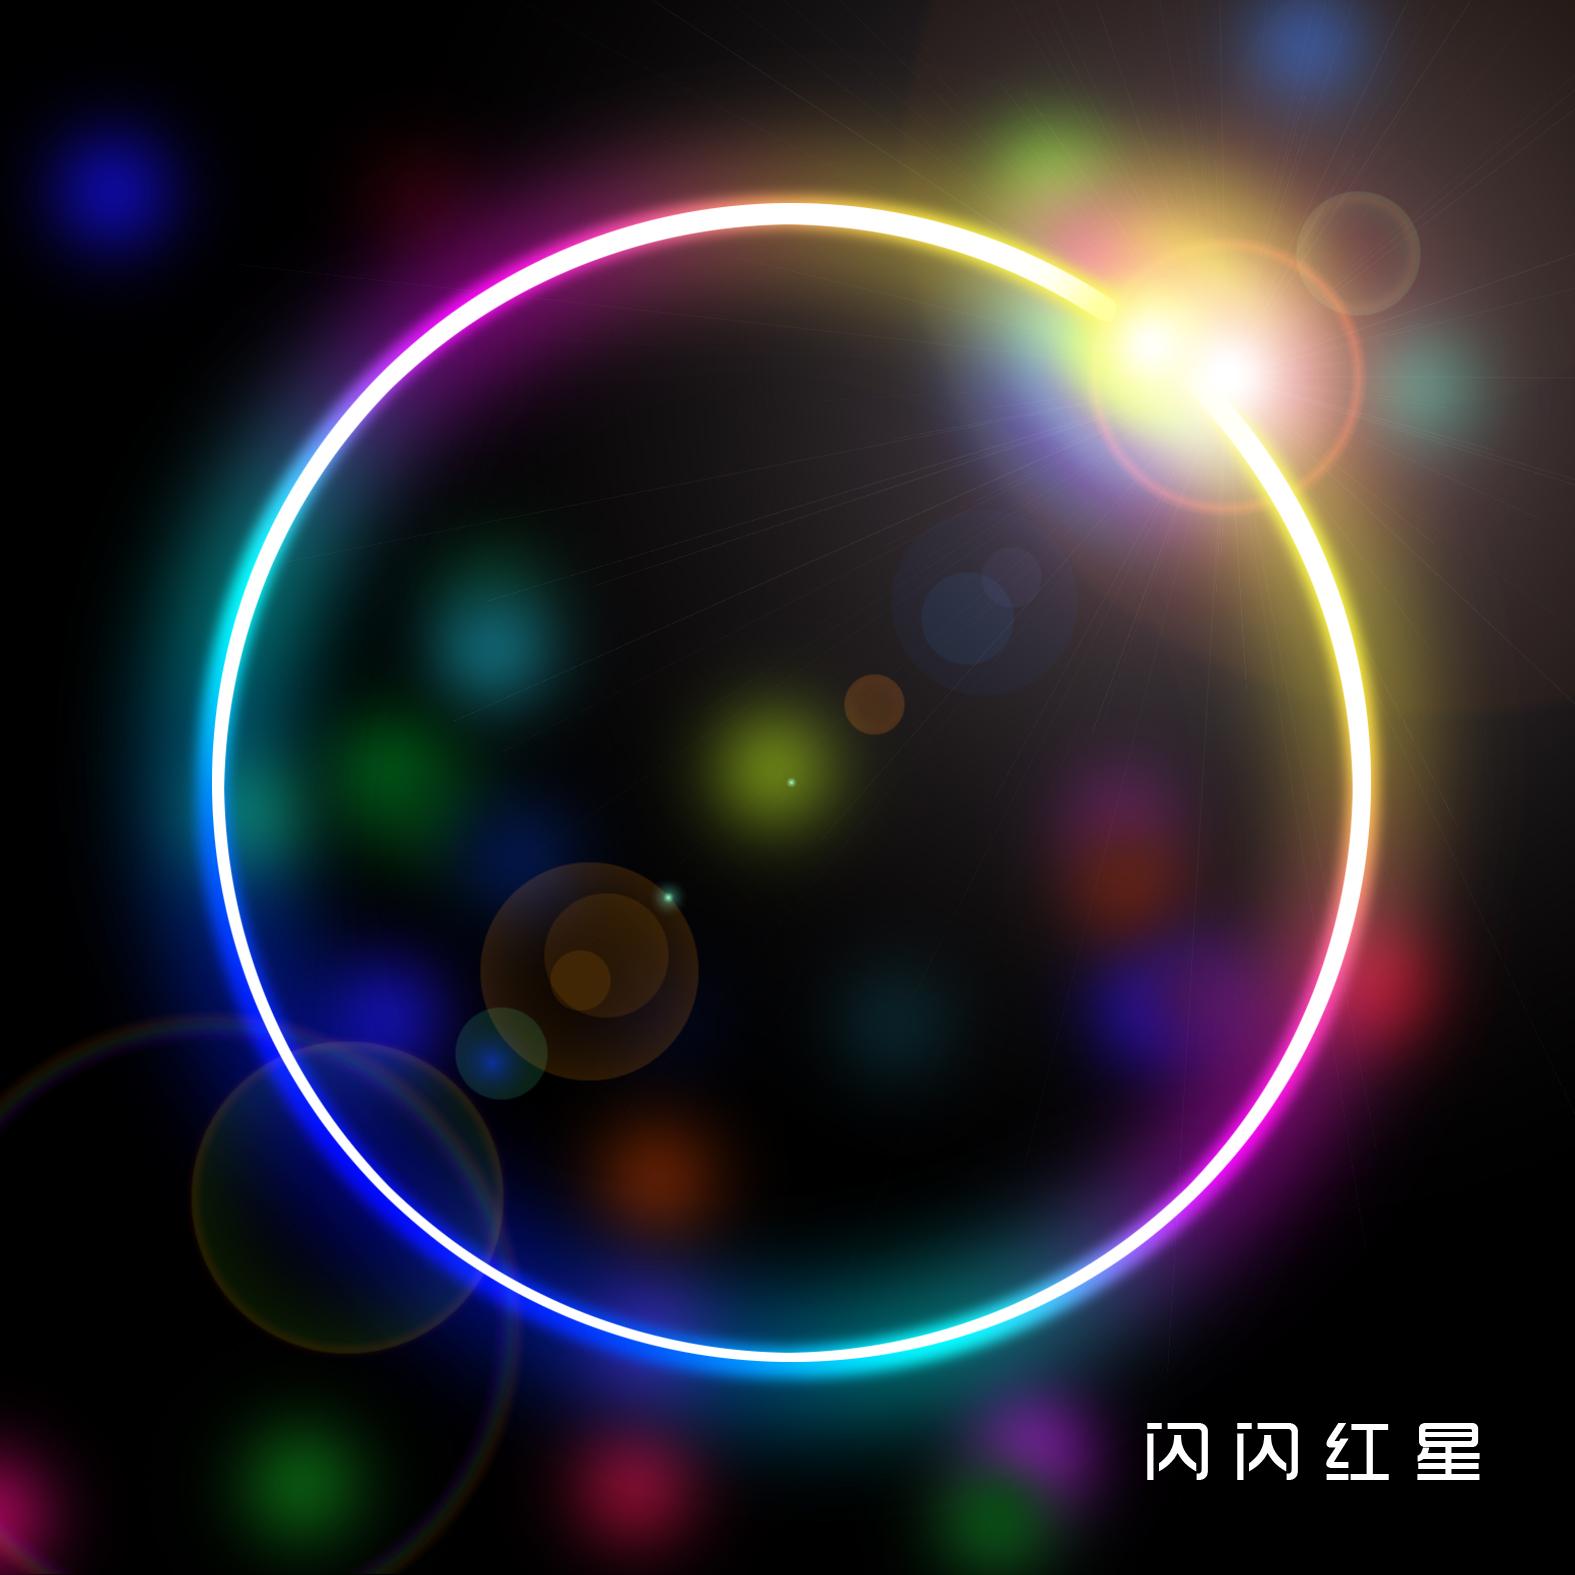 漂亮的彩色发光圆环_合成|修复|效果